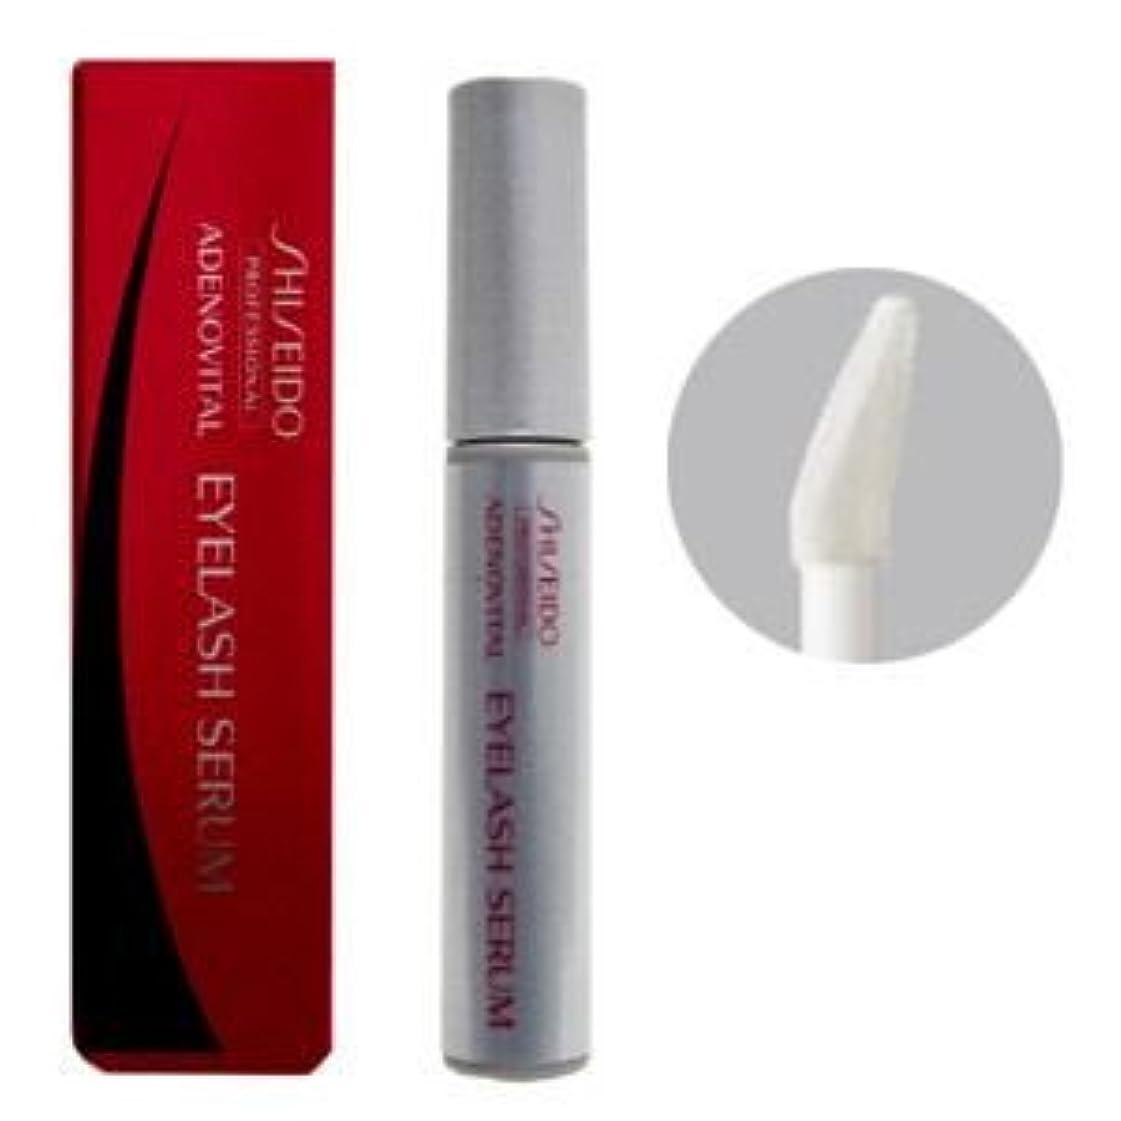 有名人マークダウン義務的資生堂 shiseido アデノバイタル まつ毛用美容液 6g